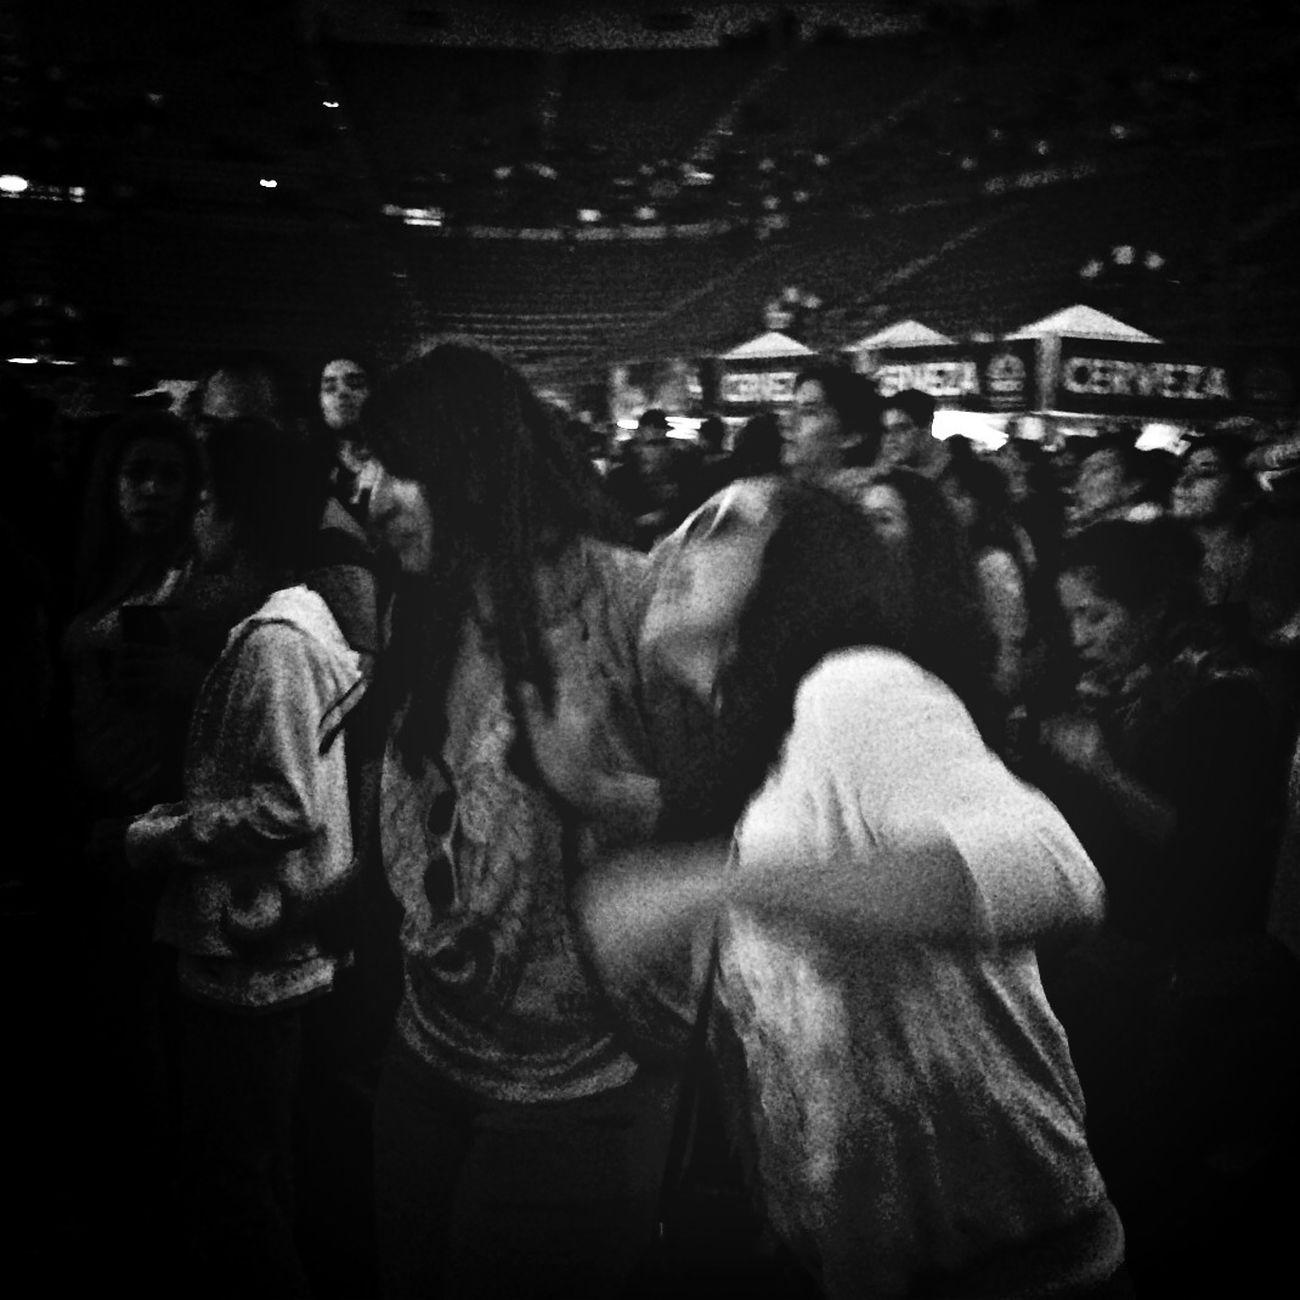 Bailando a ritmo de La Maldita Vecindad Y Los Hijos Del 5to Patio en el VL14